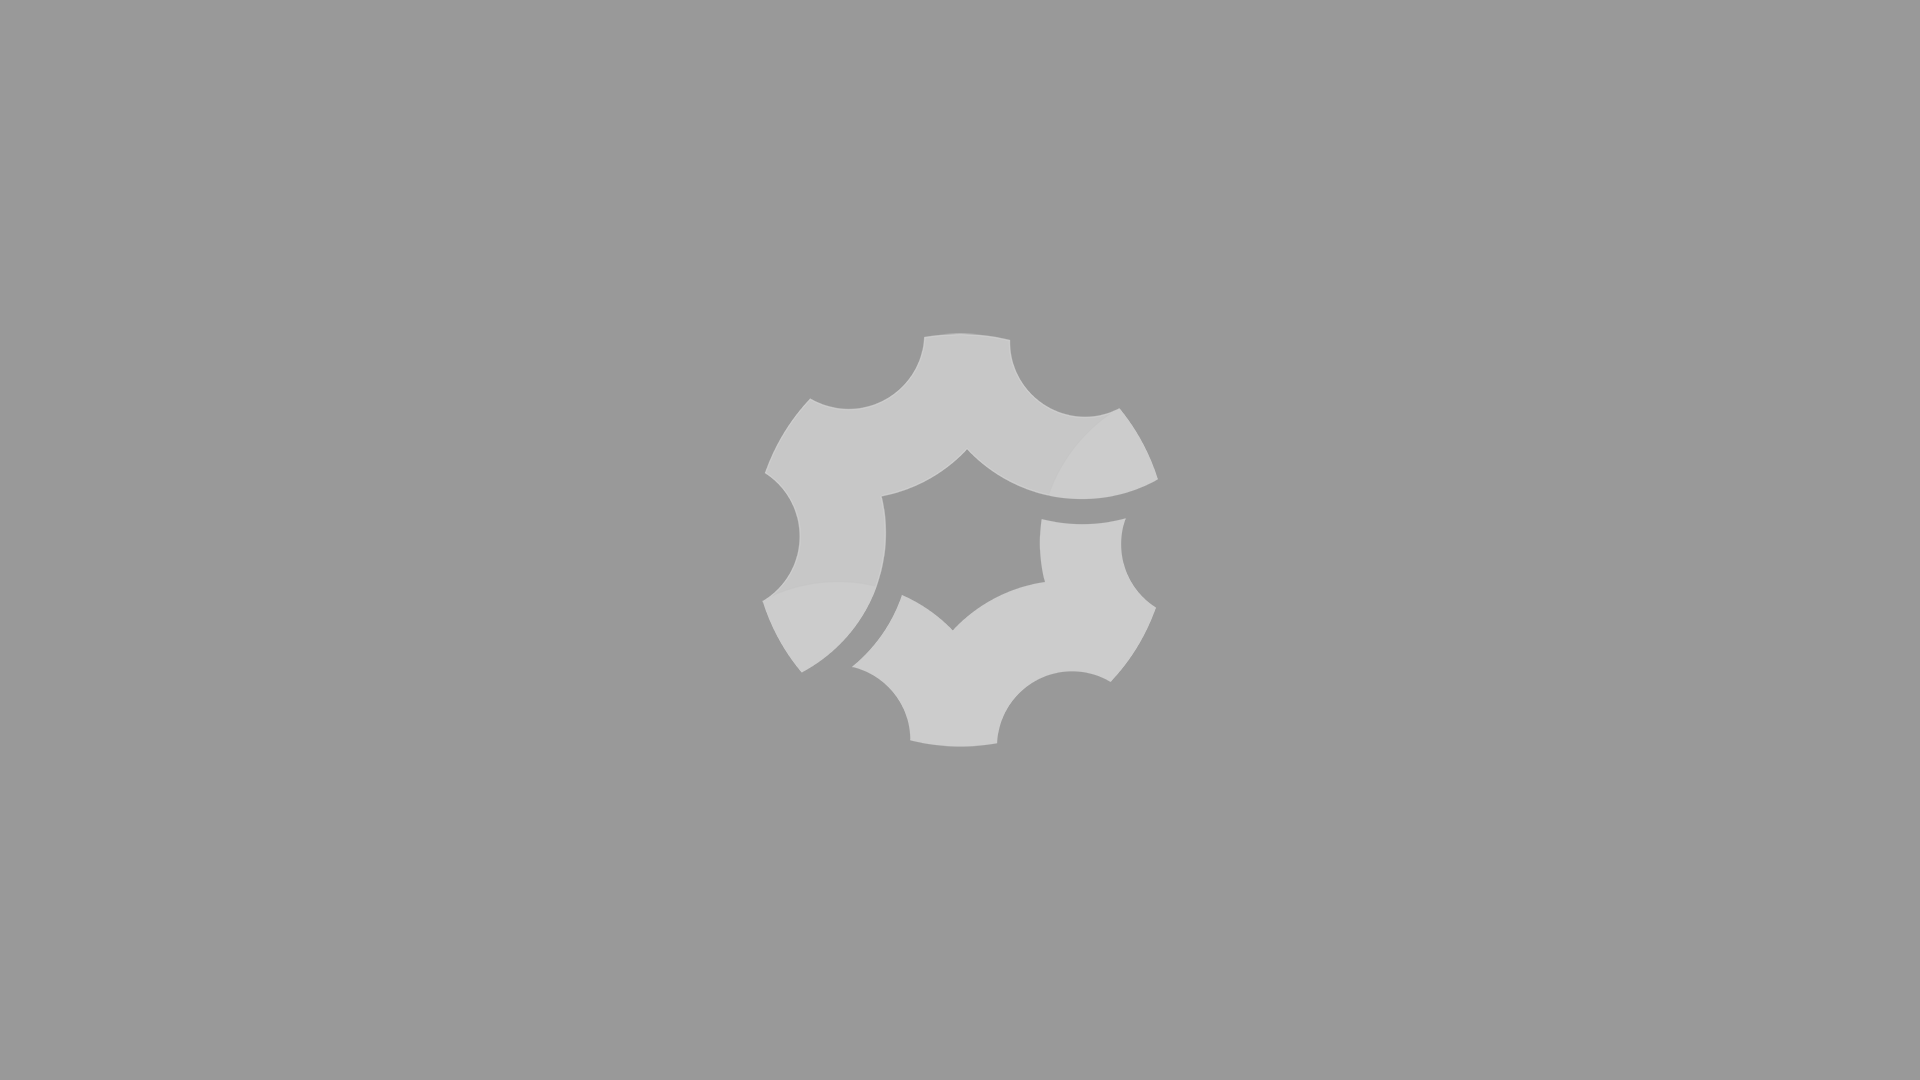 snowrunner_ksiva_p_3bf40_2021-04-23_22_28_33.png